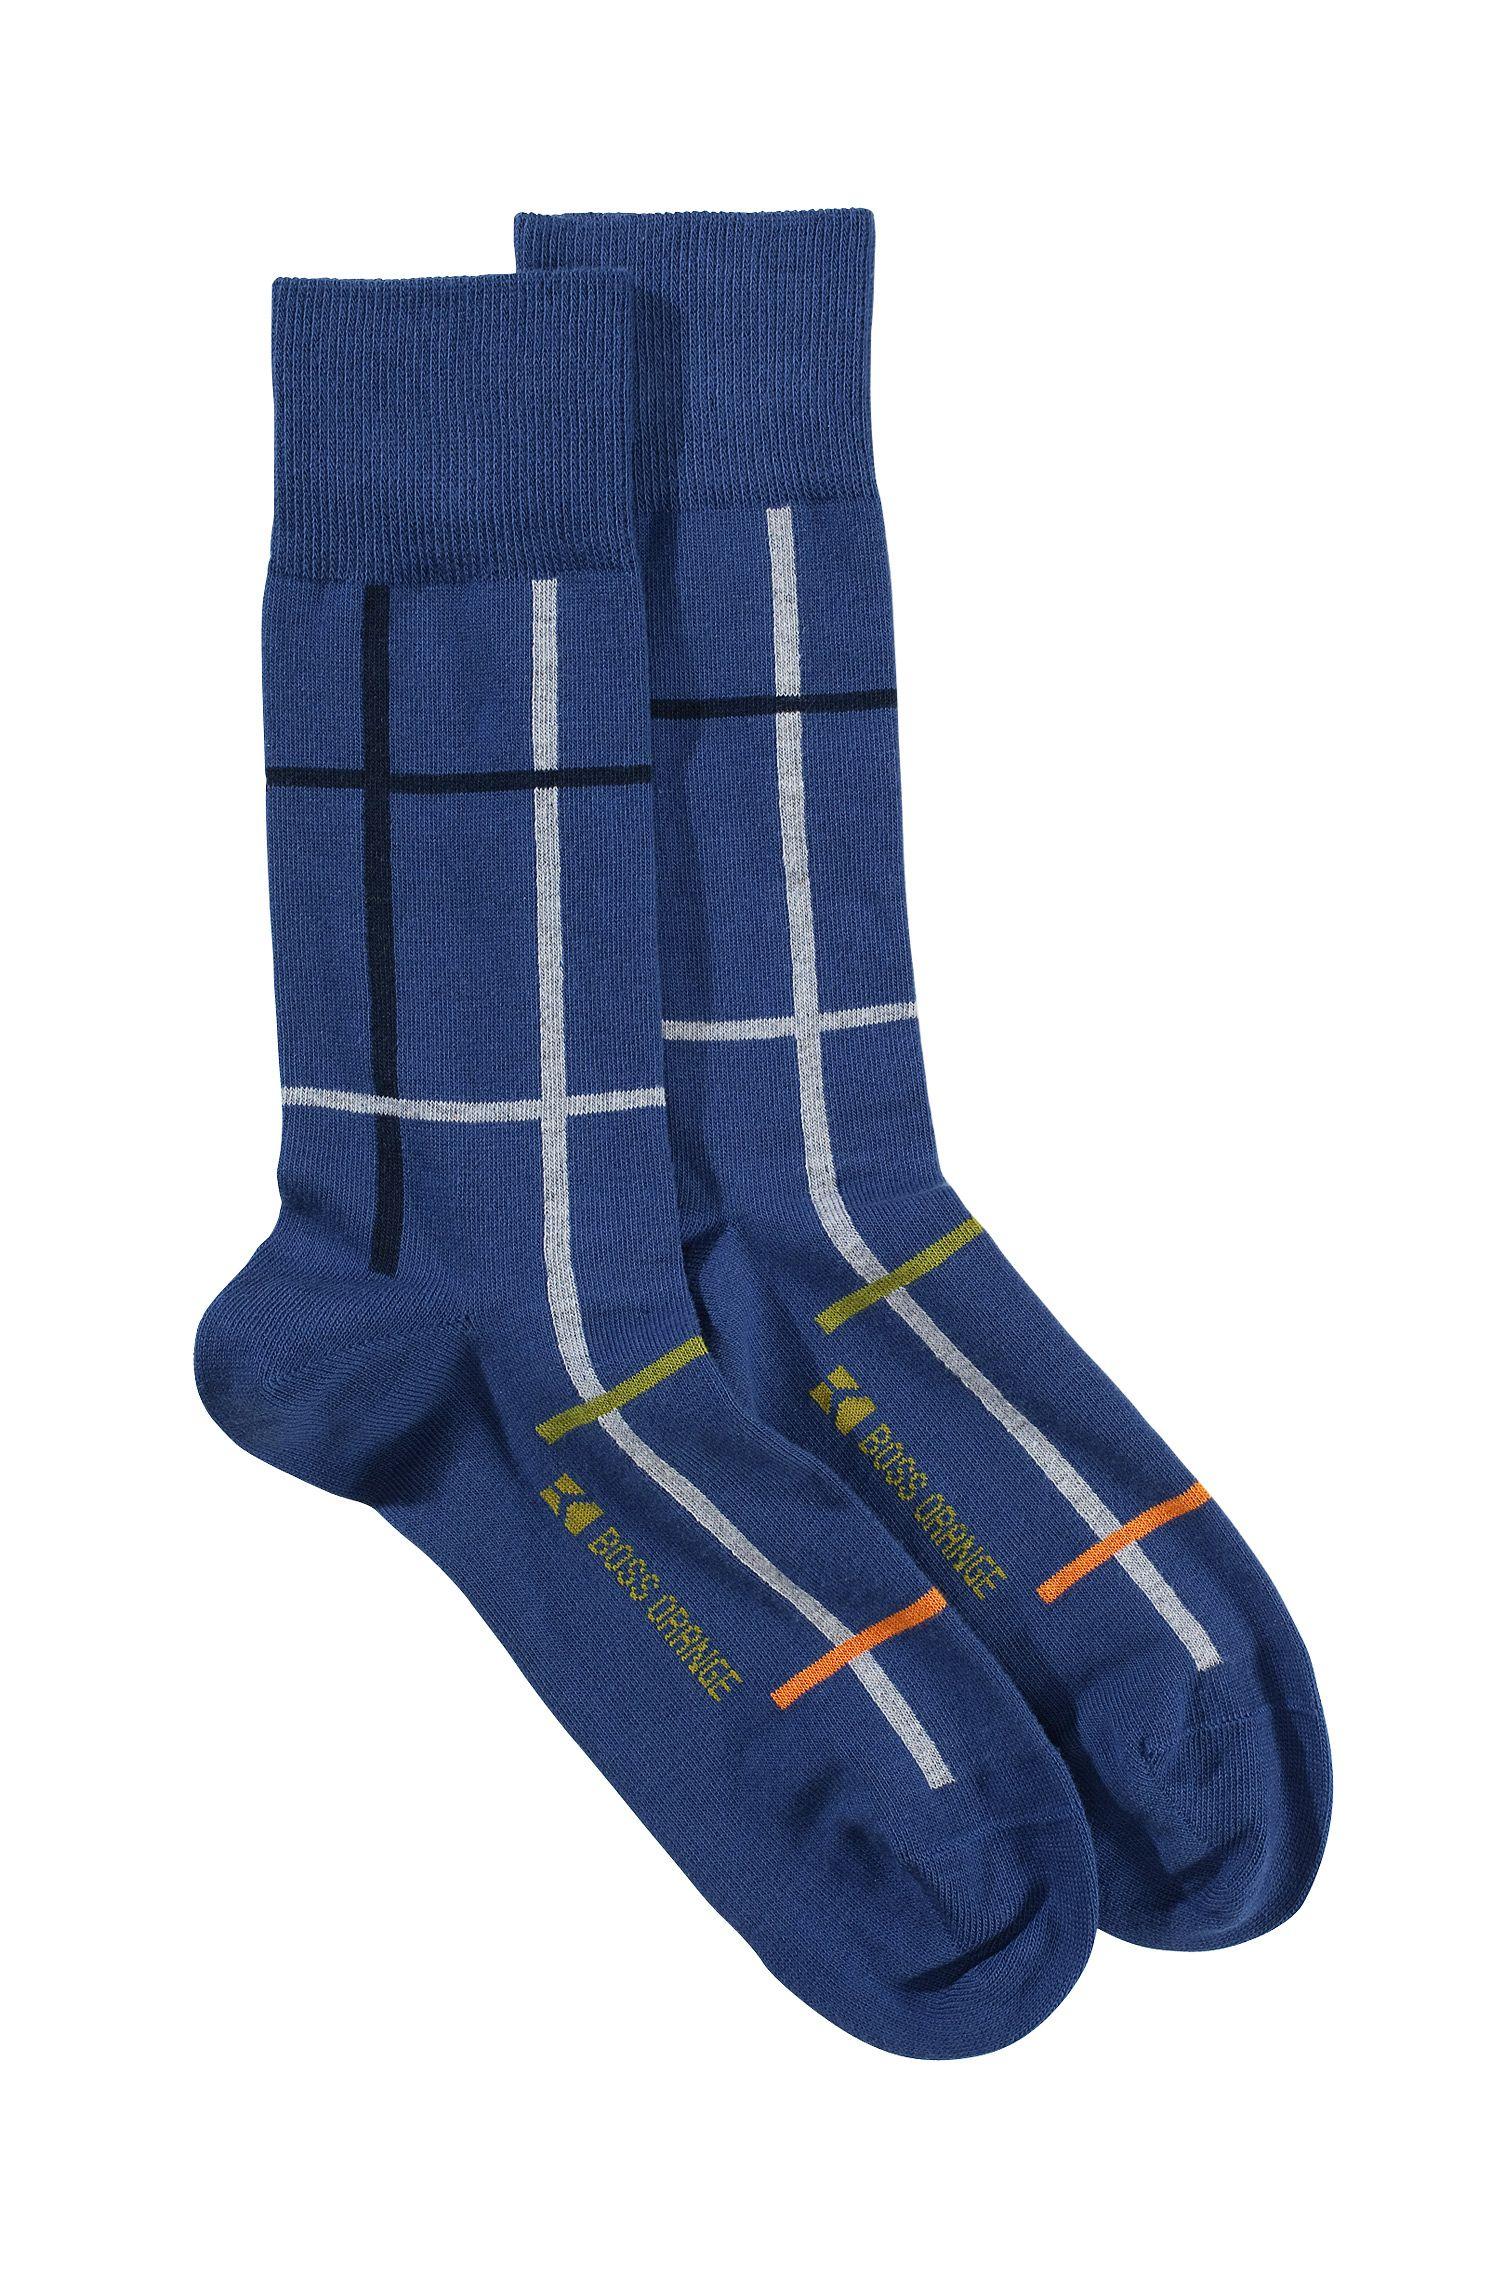 Chaussettes en coton mélangé, RS Design